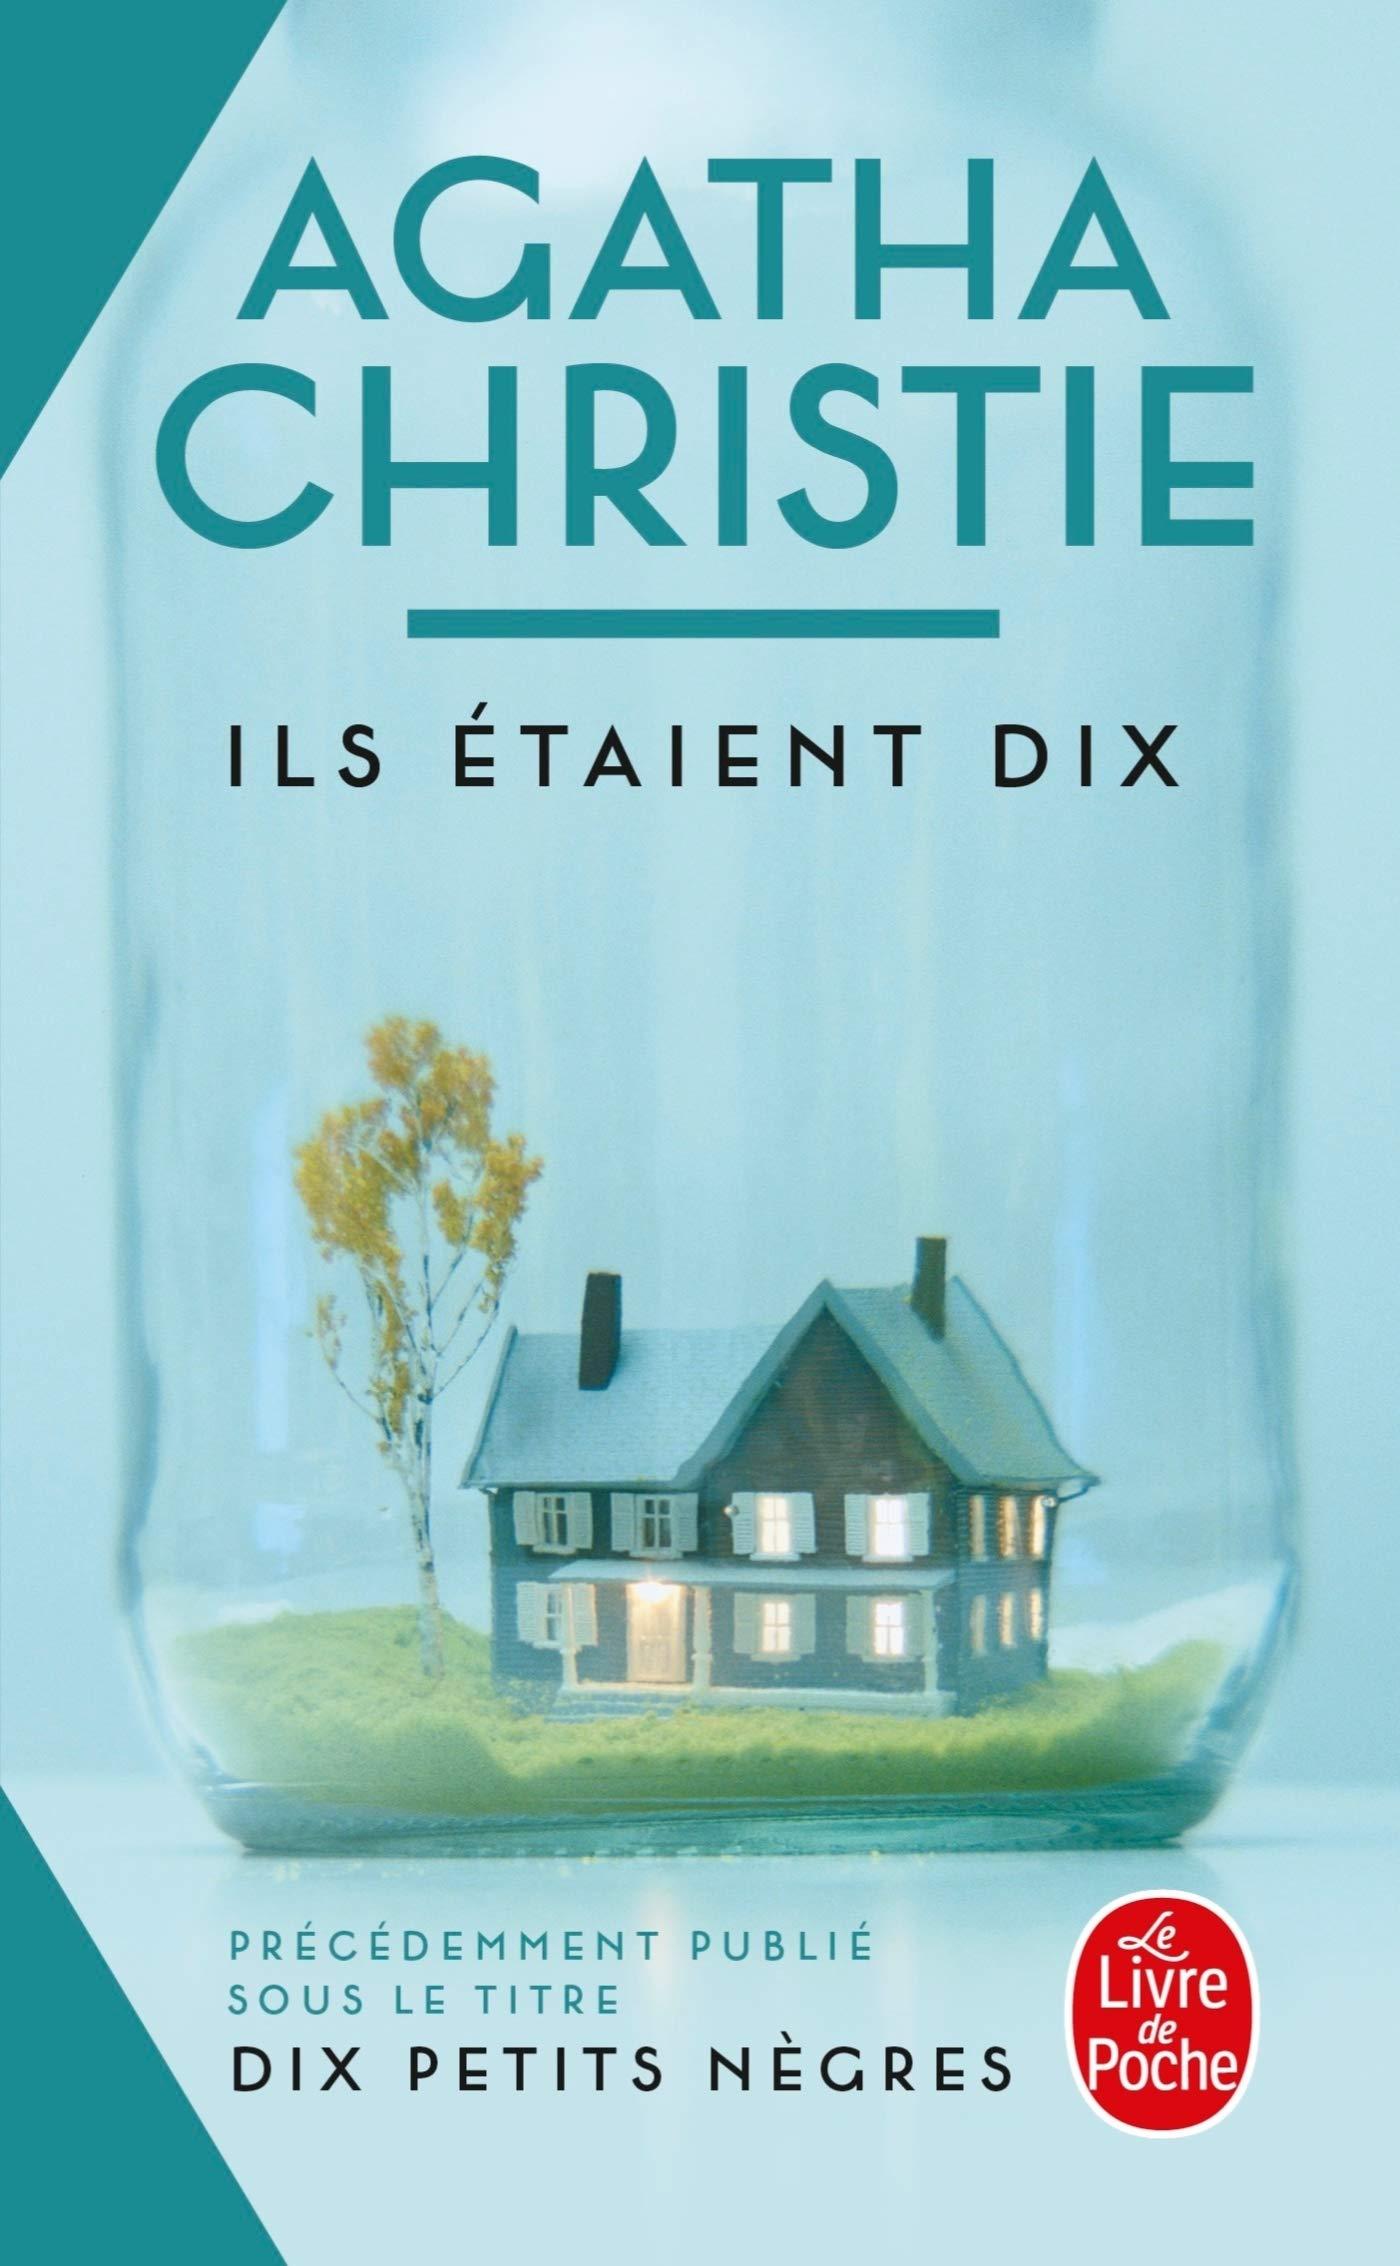 dix petits nègres - Ils étaient dix (Dix petits nègres) de Agatha Christie Ils-etaient-dix